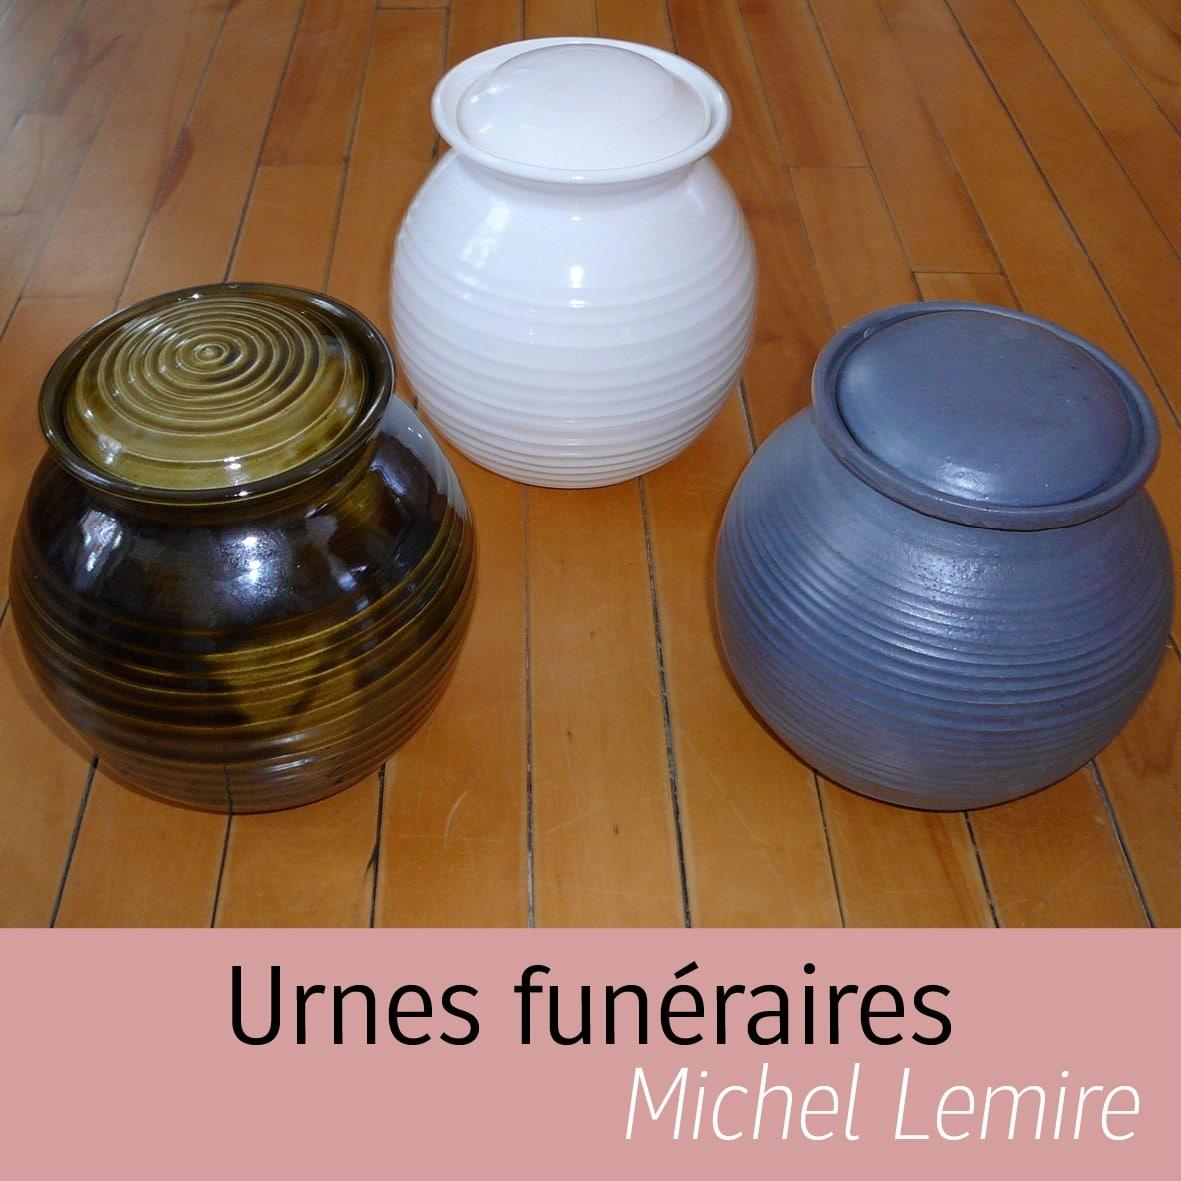 Urnes funéraires Michel Lemire